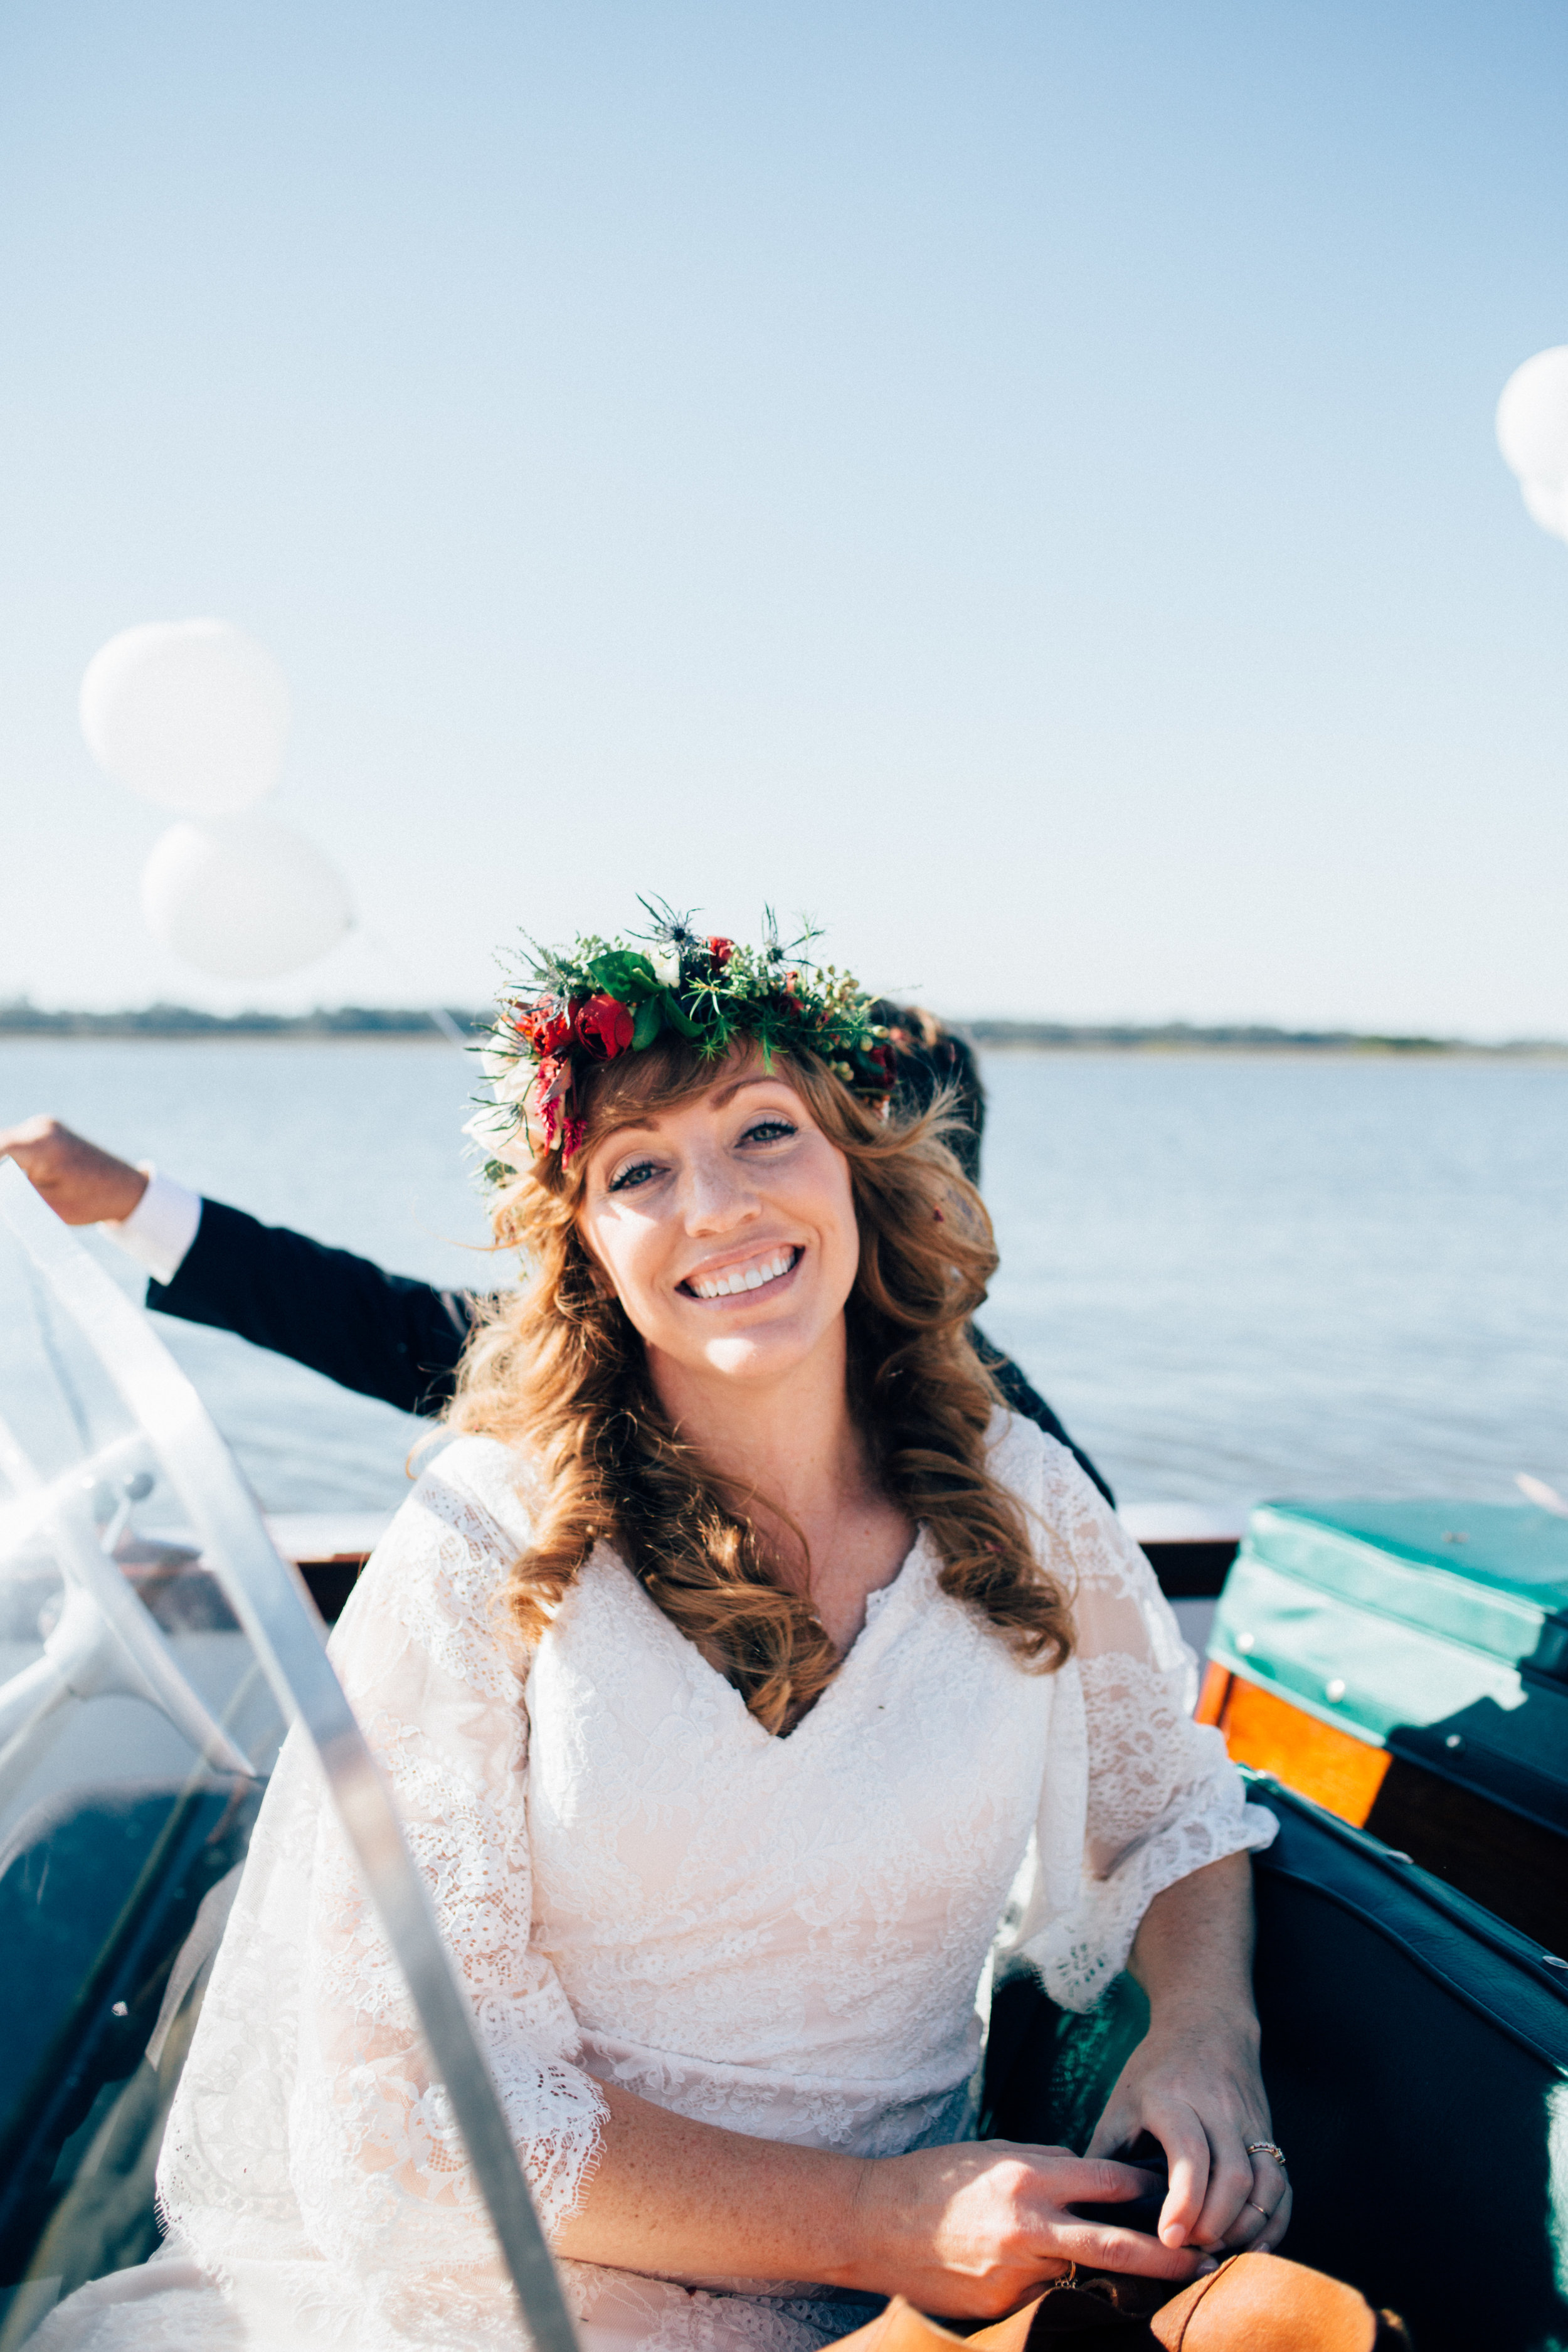 Gret_Ted_wedding_-23 copy.jpg